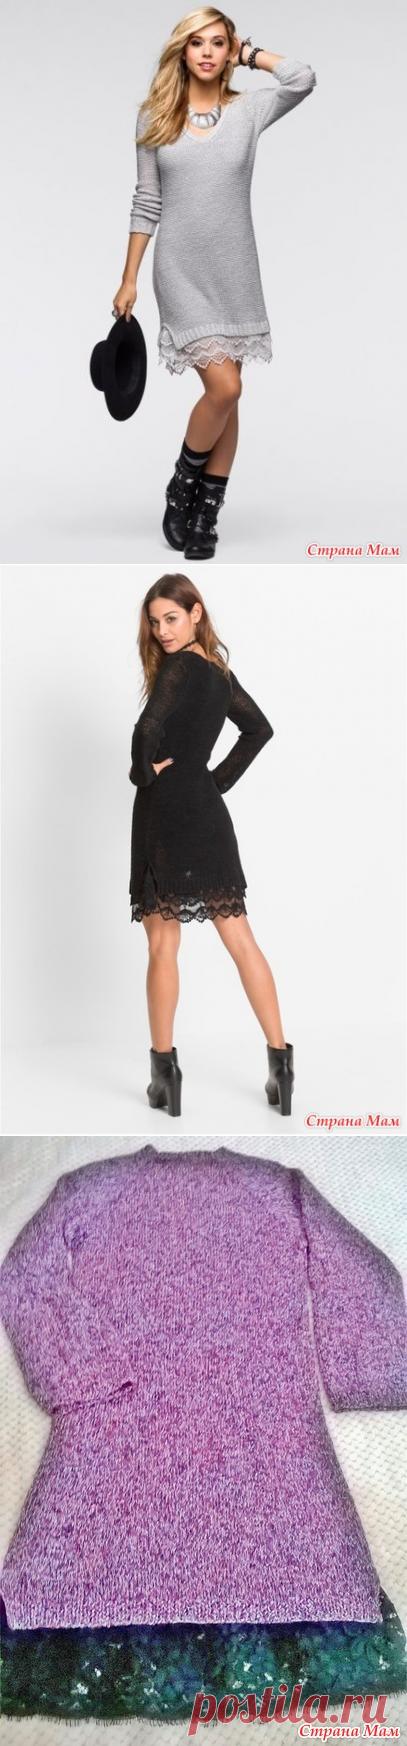 8b50d1f3594 Платье-реглан спицами с кружевом внизу - Вязание - Страна Мам .